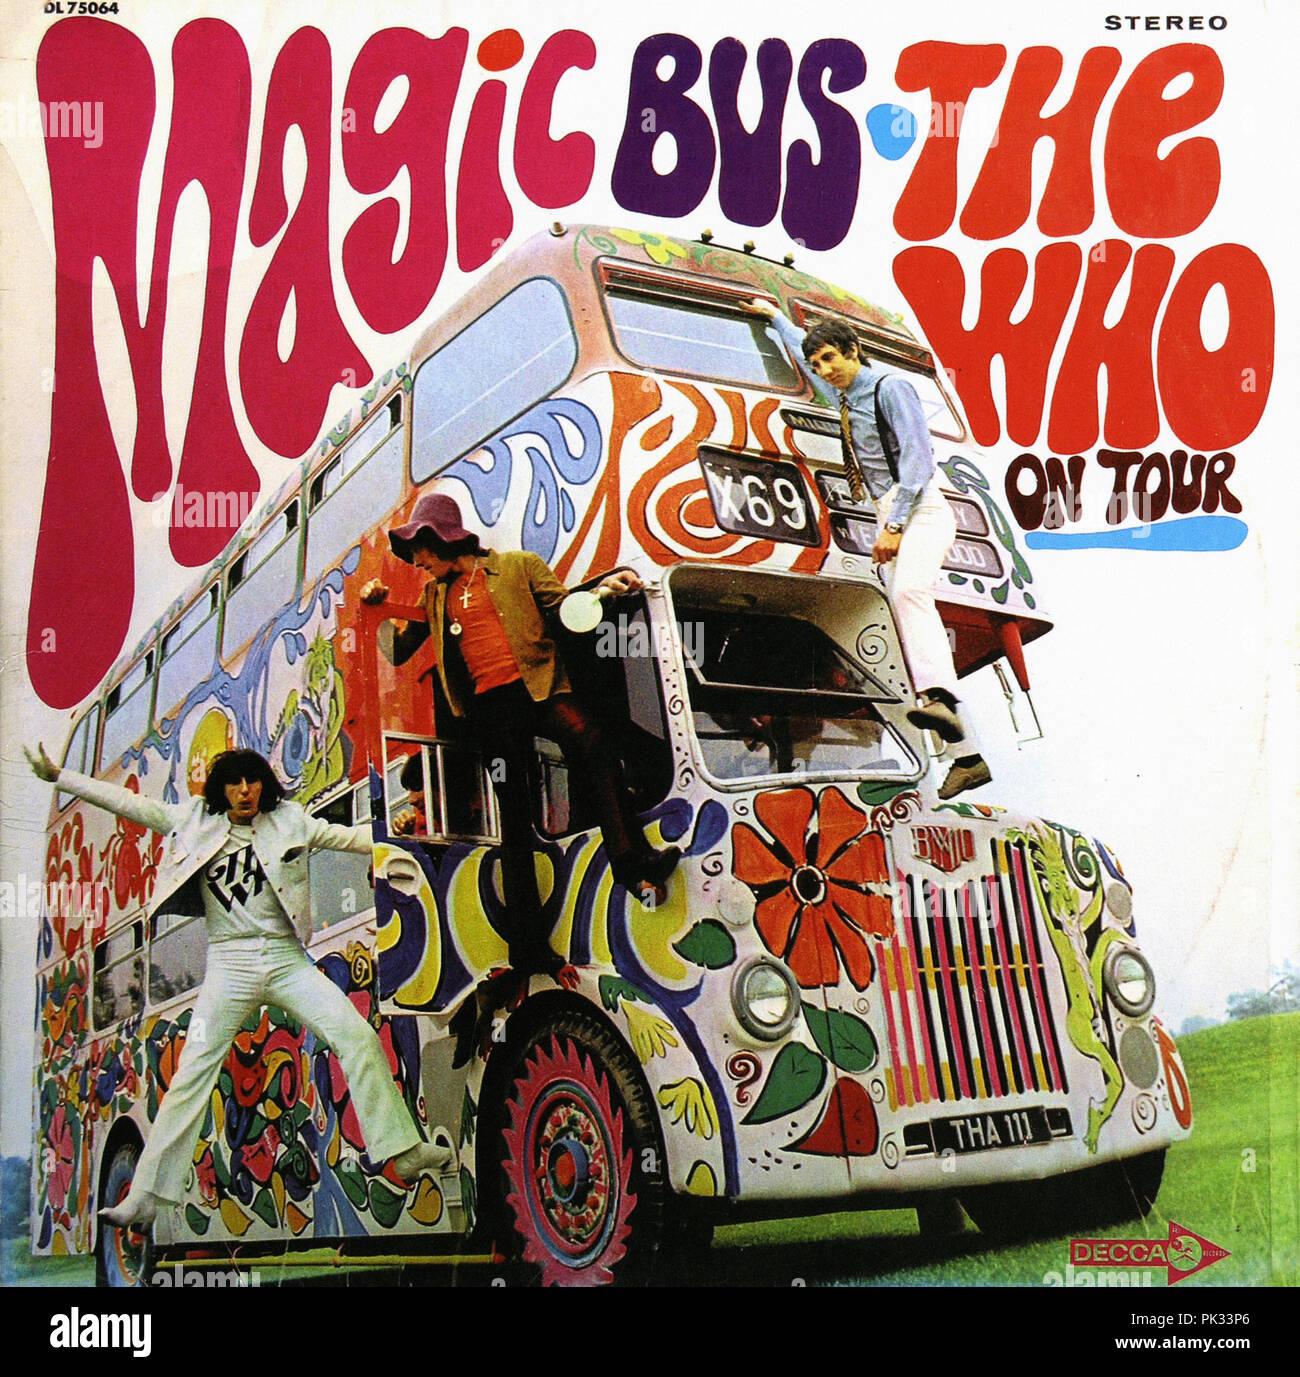 vintage vinyl record album - The Who's Magic Bus on Tour - 1967 ...